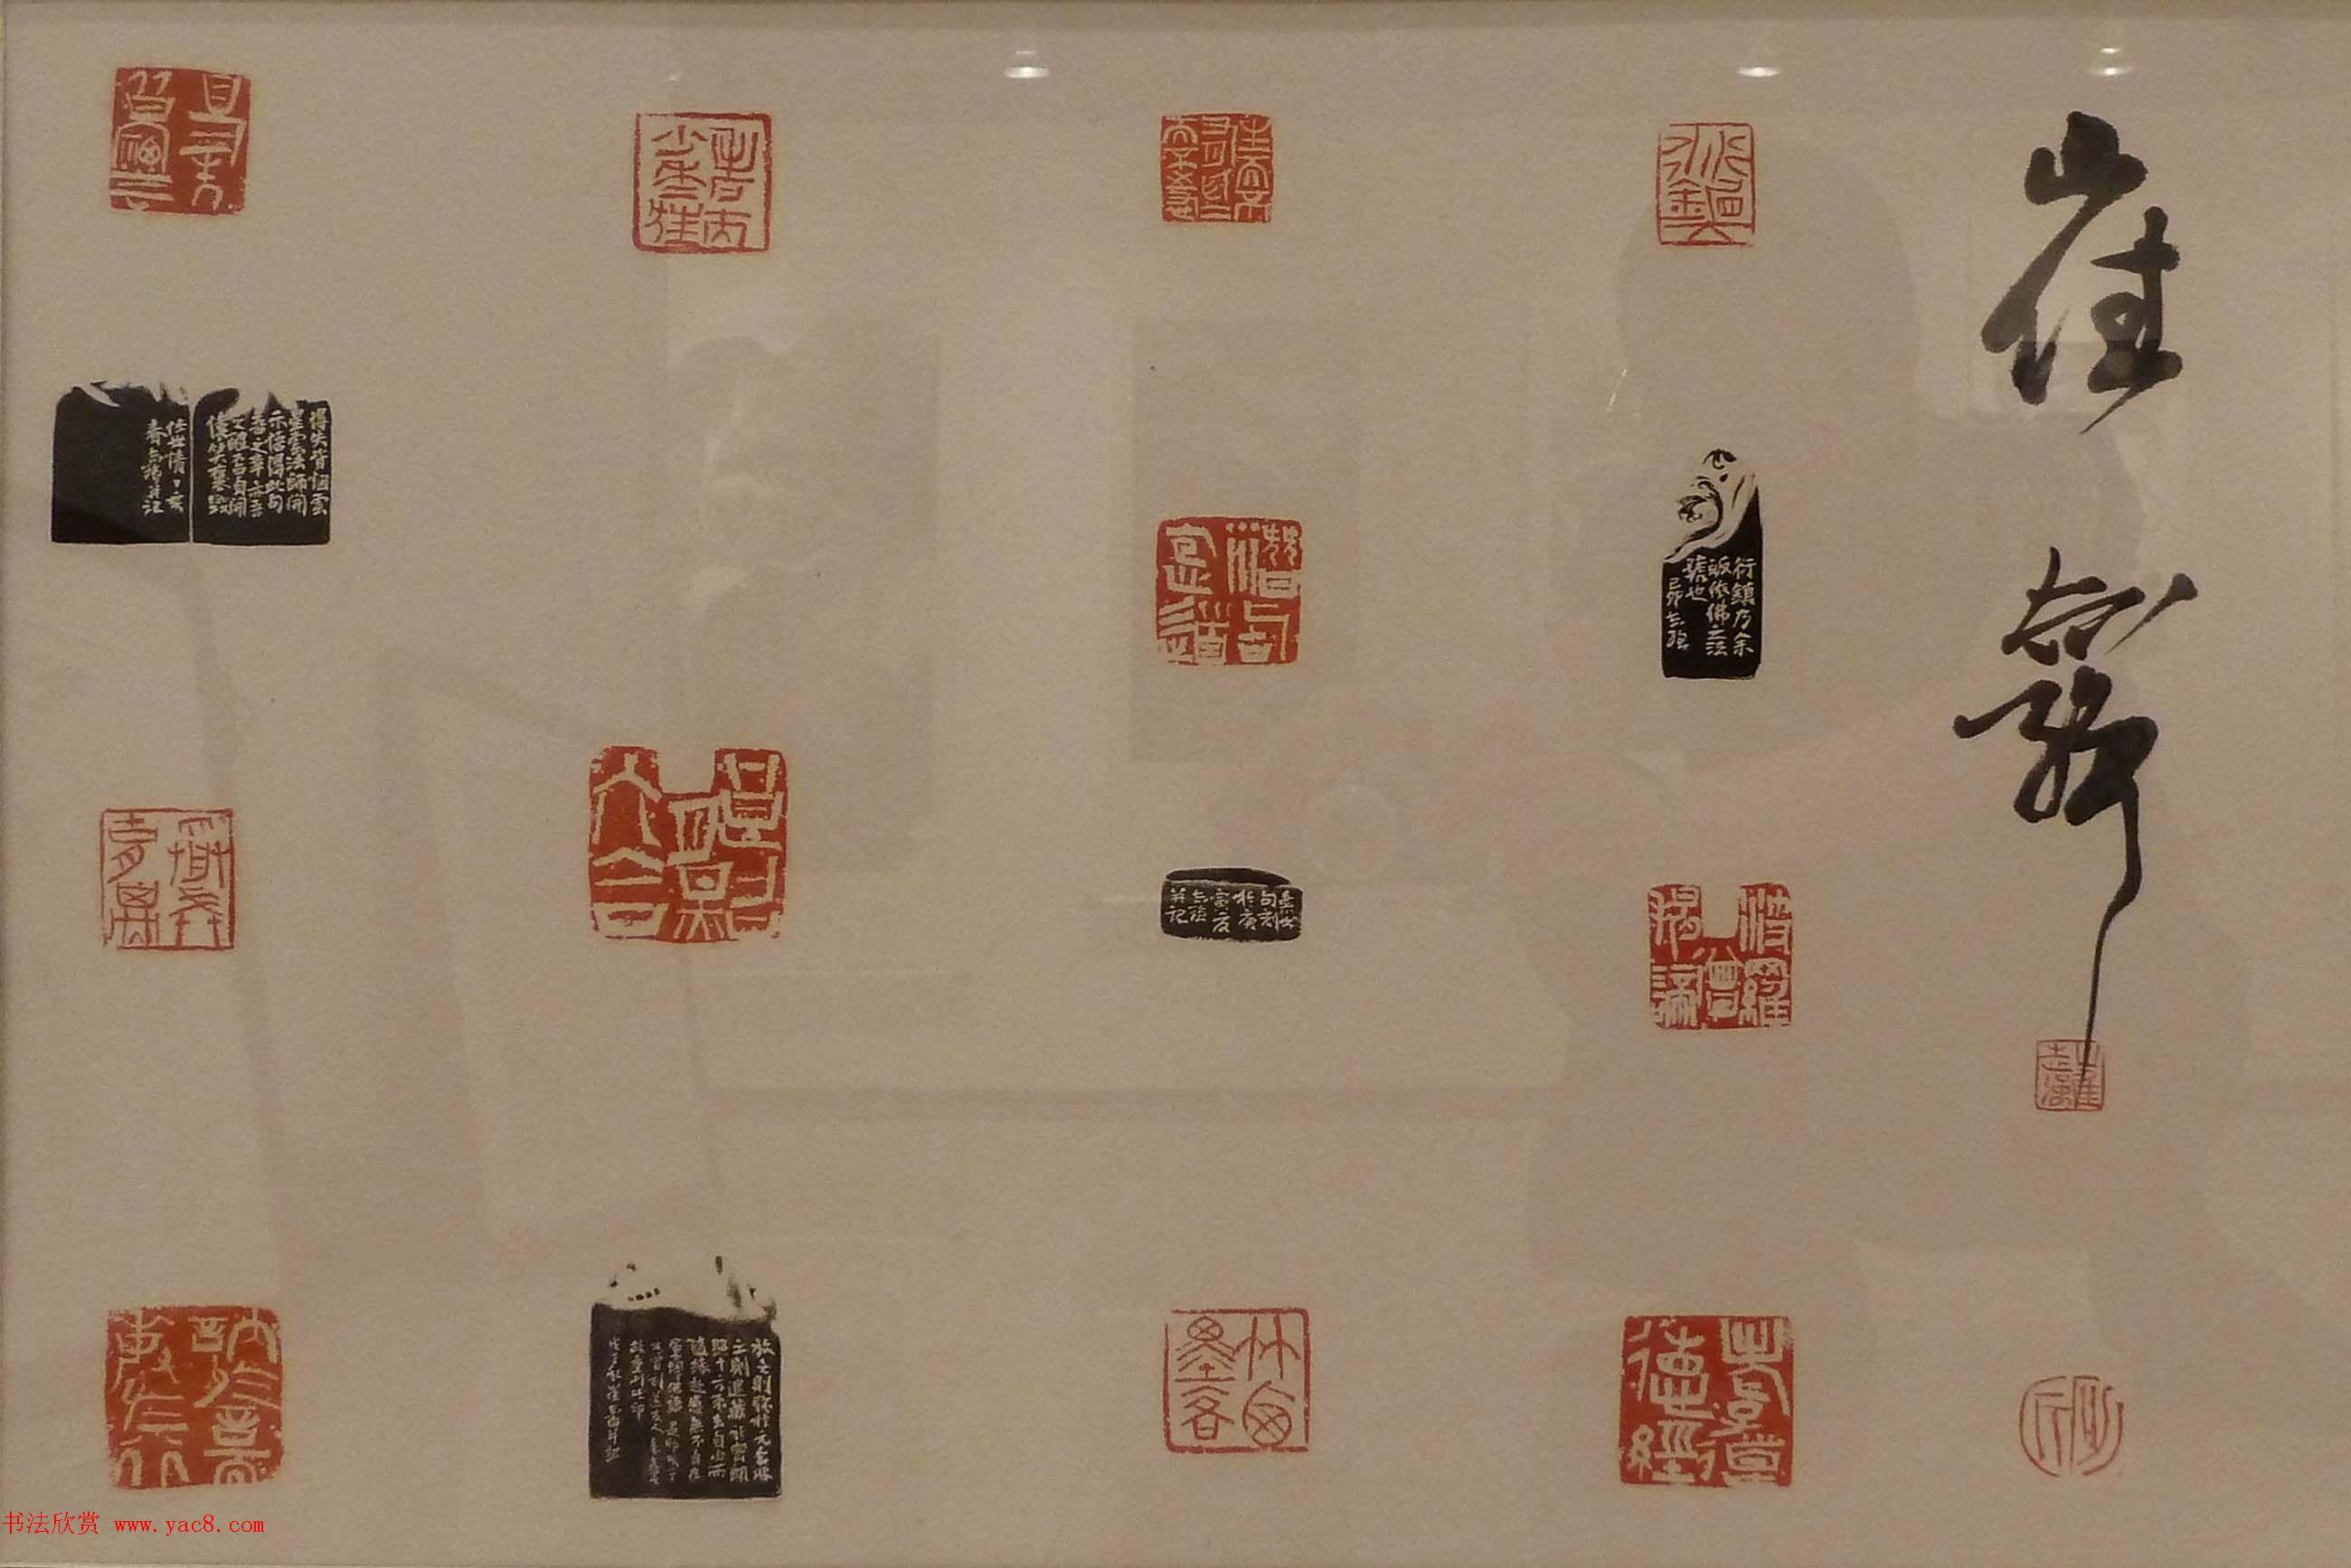 首届全国篆刻名家作品邀请展印稿欣赏